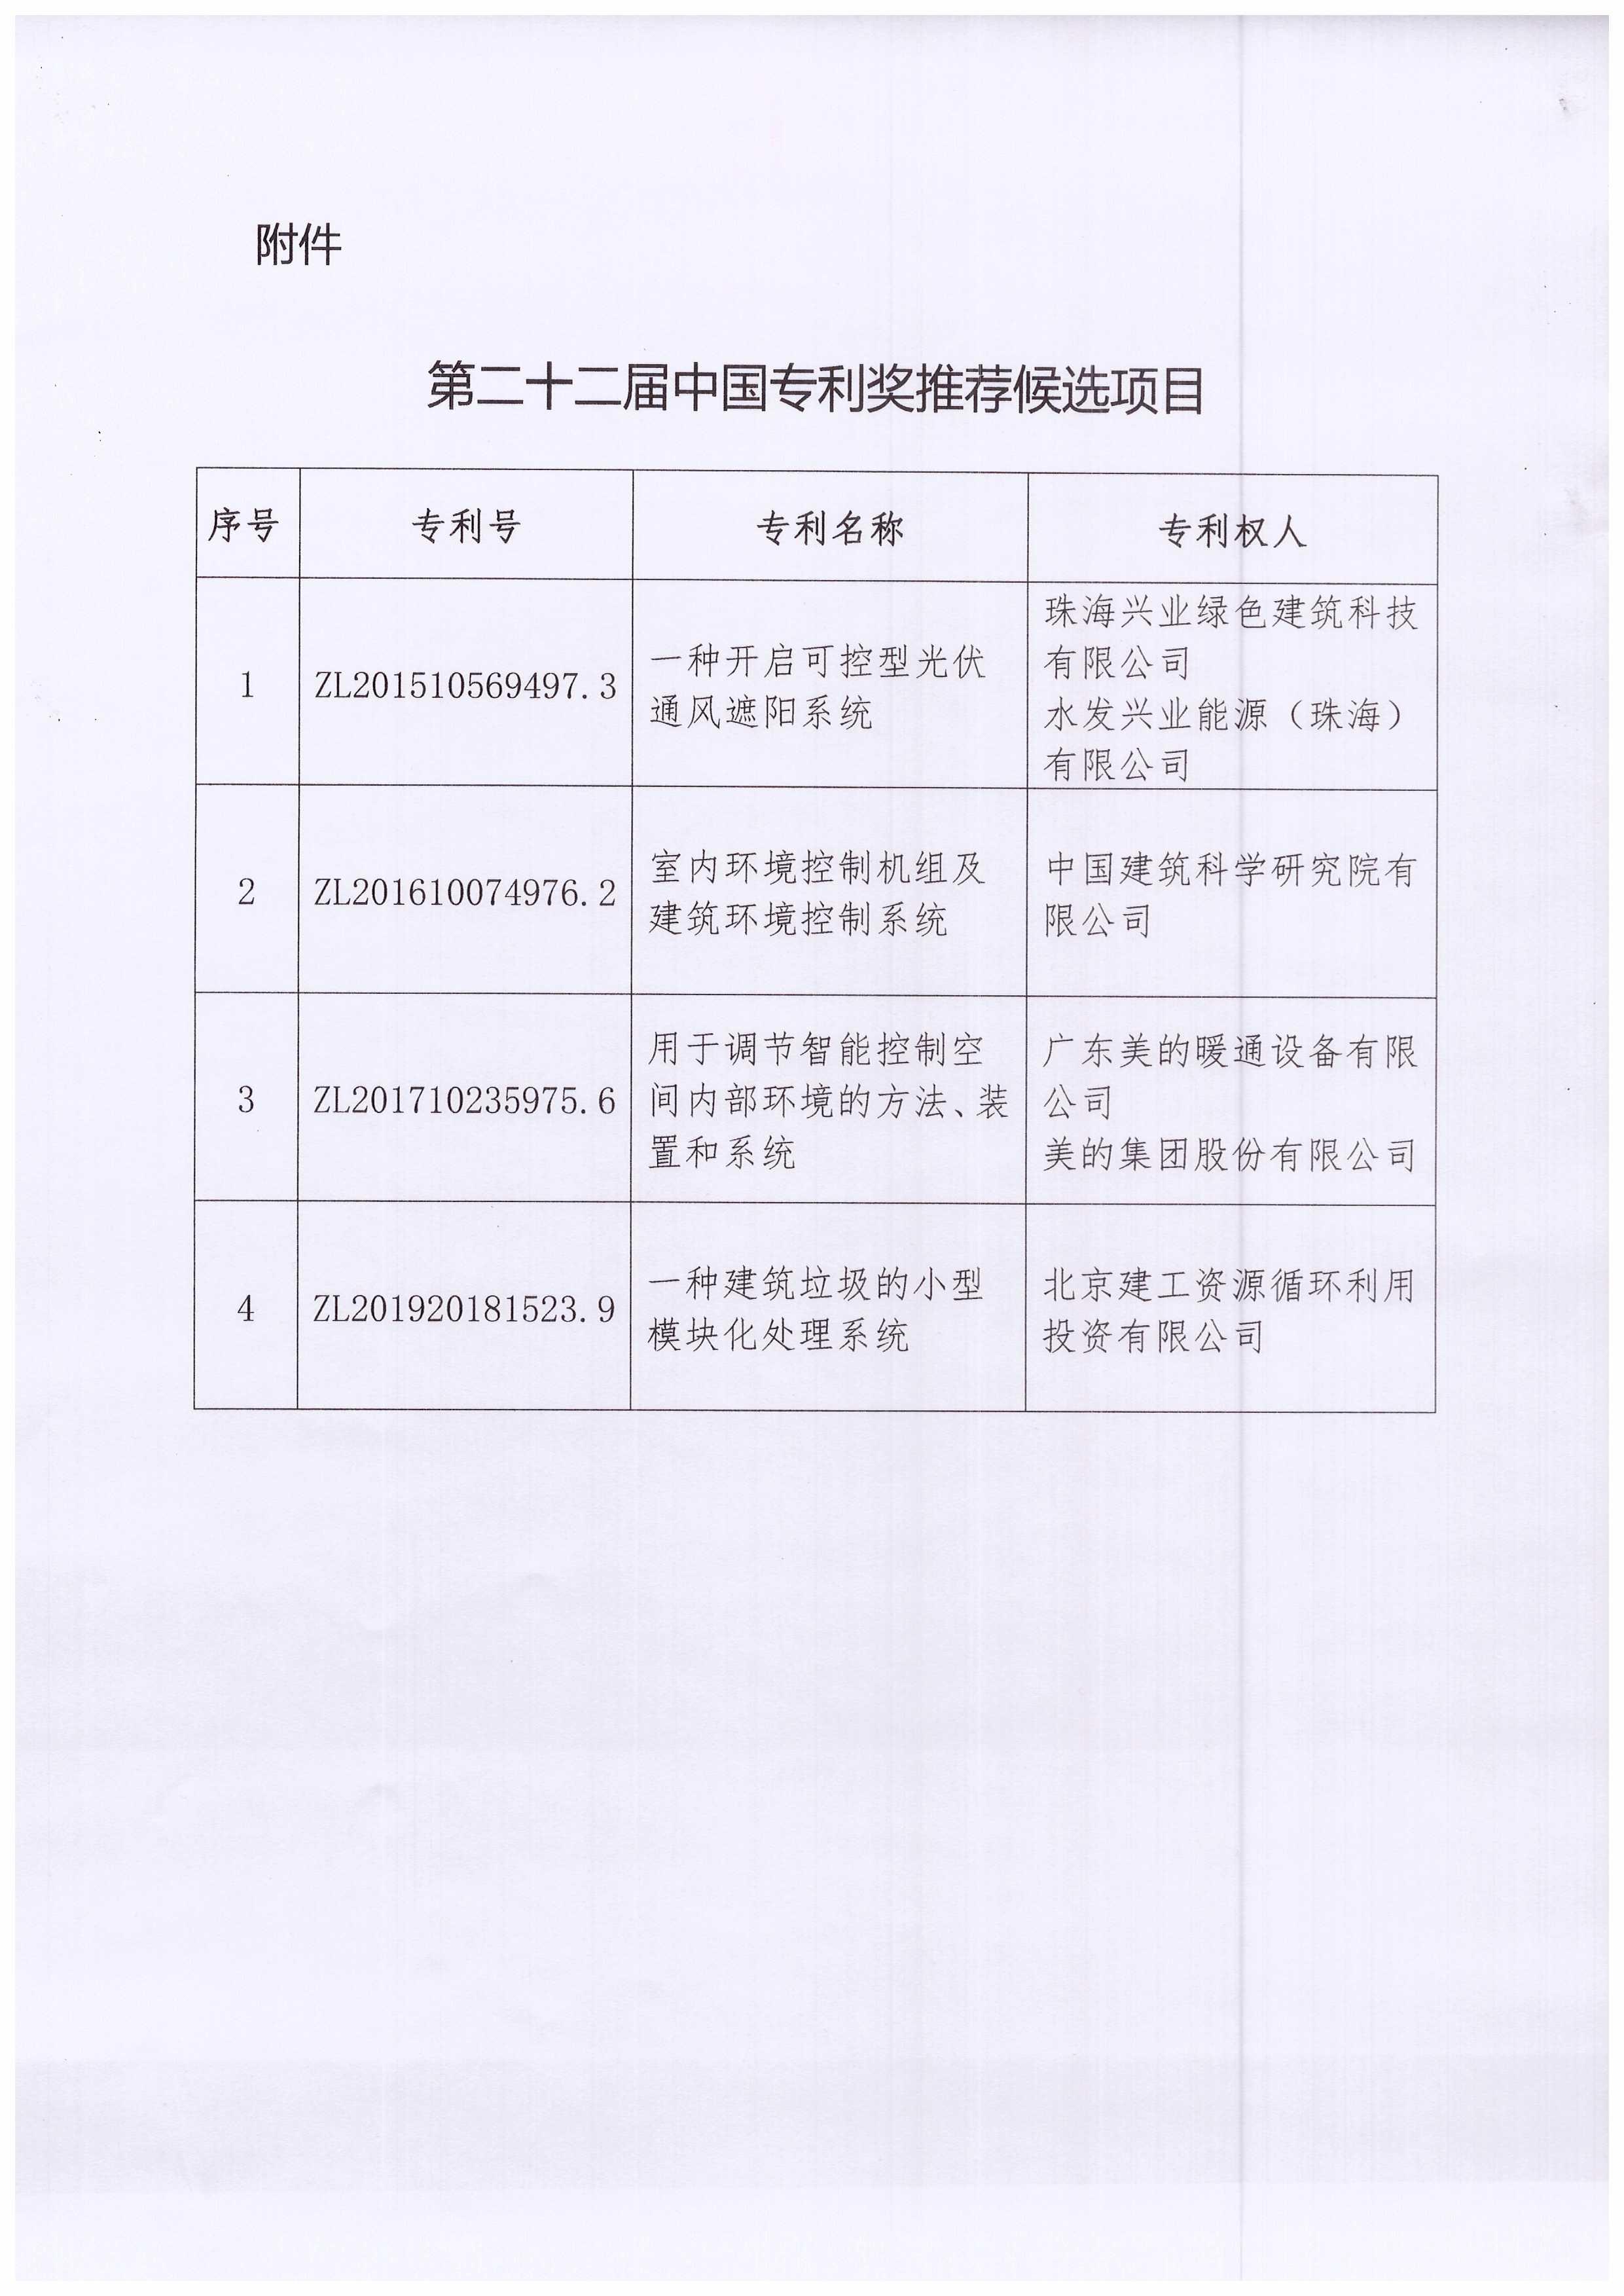 og真人专利奖推荐公示函-2020_页面_2.jpg